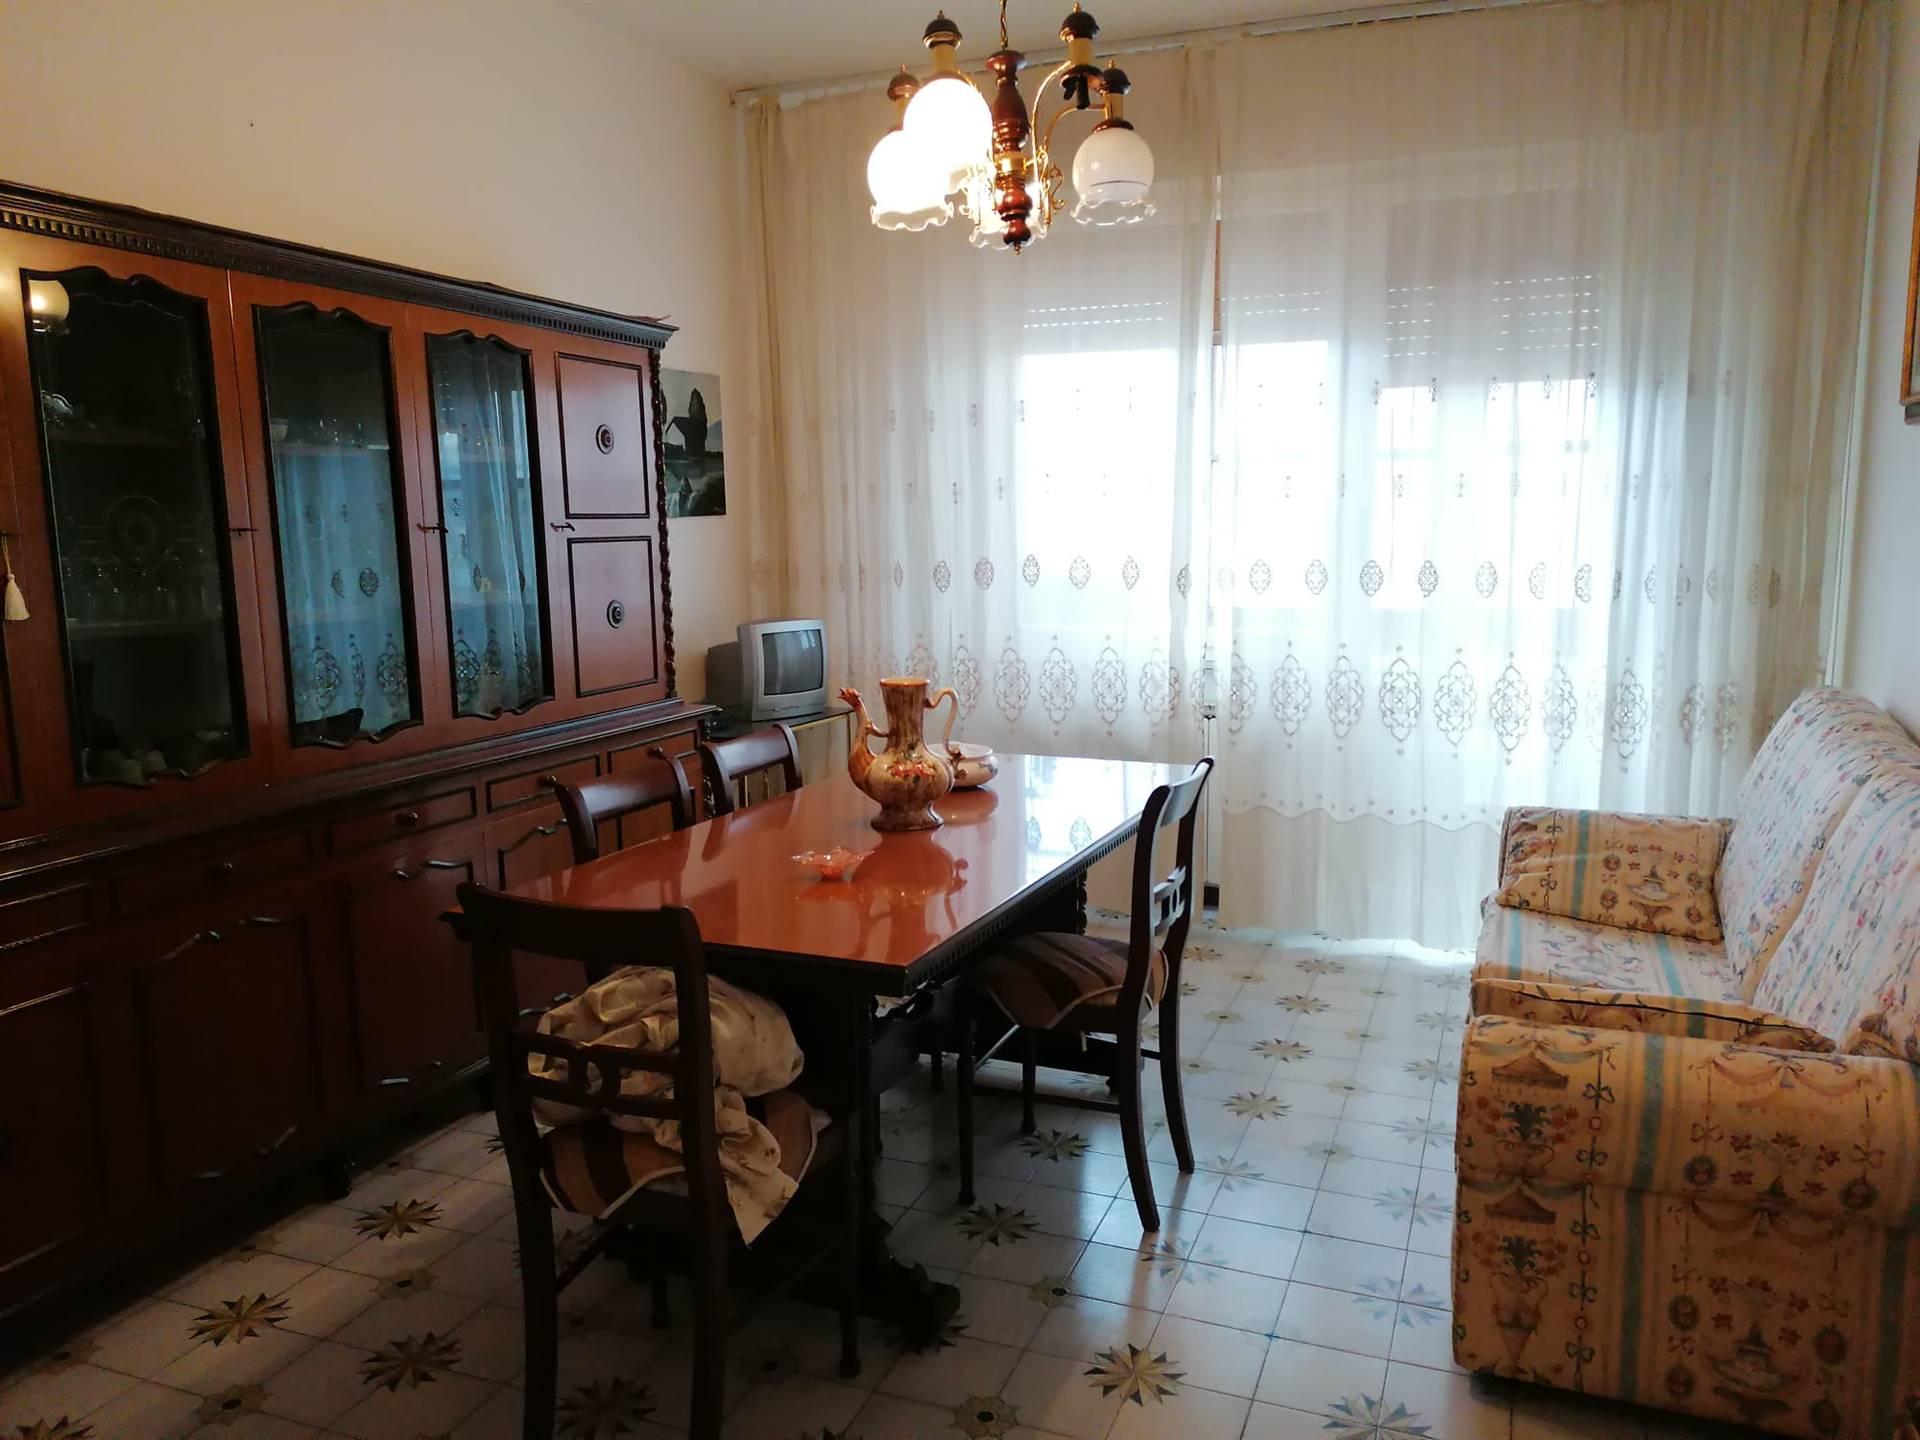 Appartamento in vendita a Terni, 4 locali, zona centro, prezzo € 75.000 | PortaleAgenzieImmobiliari.it